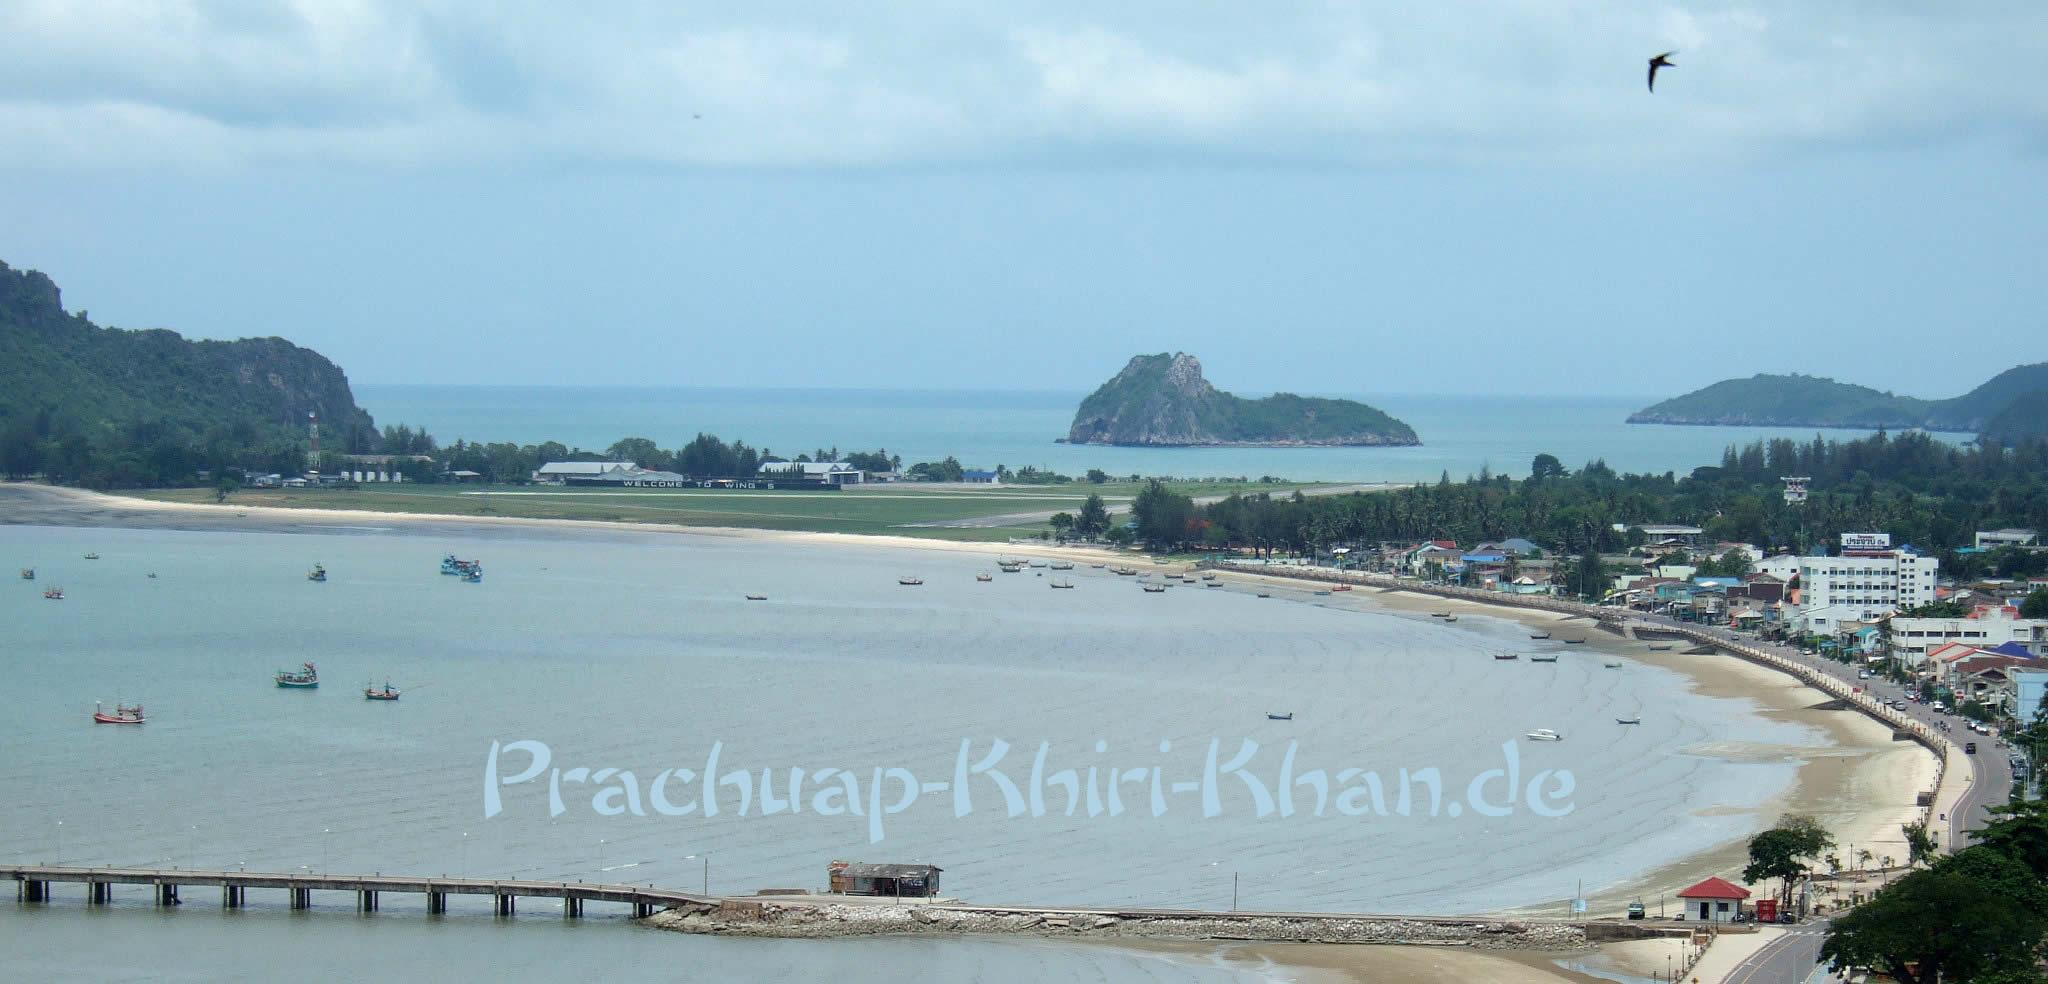 Prachuap Khiri Khan Thailand  city photos gallery : ... von Prachuap Khiri Khan und von anderen schönen Städten in Thailand